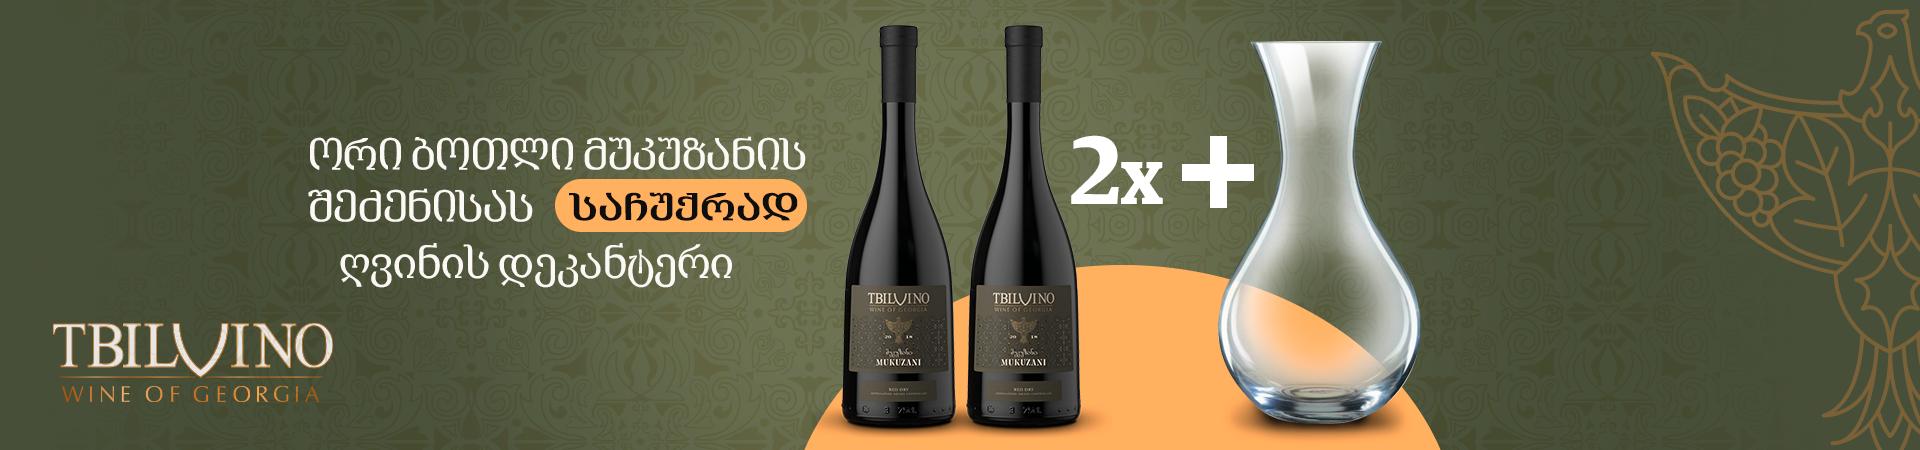 Tbilvino-Mukuzani-Decanter-gift-1920X450-GEO (1)